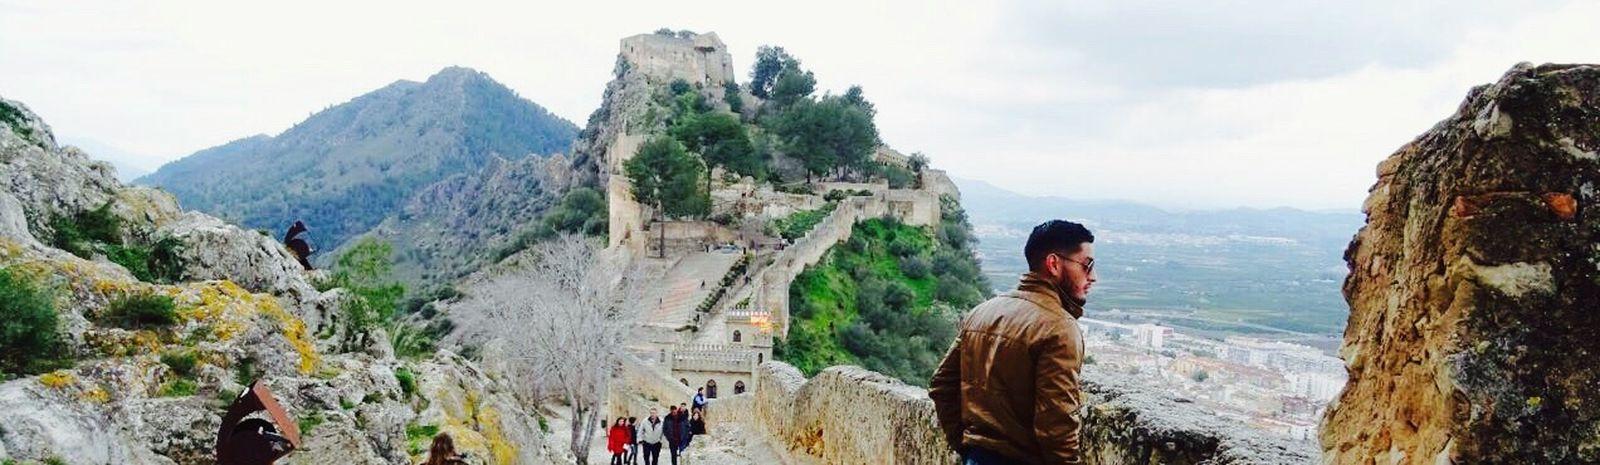 Los únicos muros están en tu mente Xativa València SPAIN Mountain Beauty In Nature Wall Nature Adventure Outdoors Photography